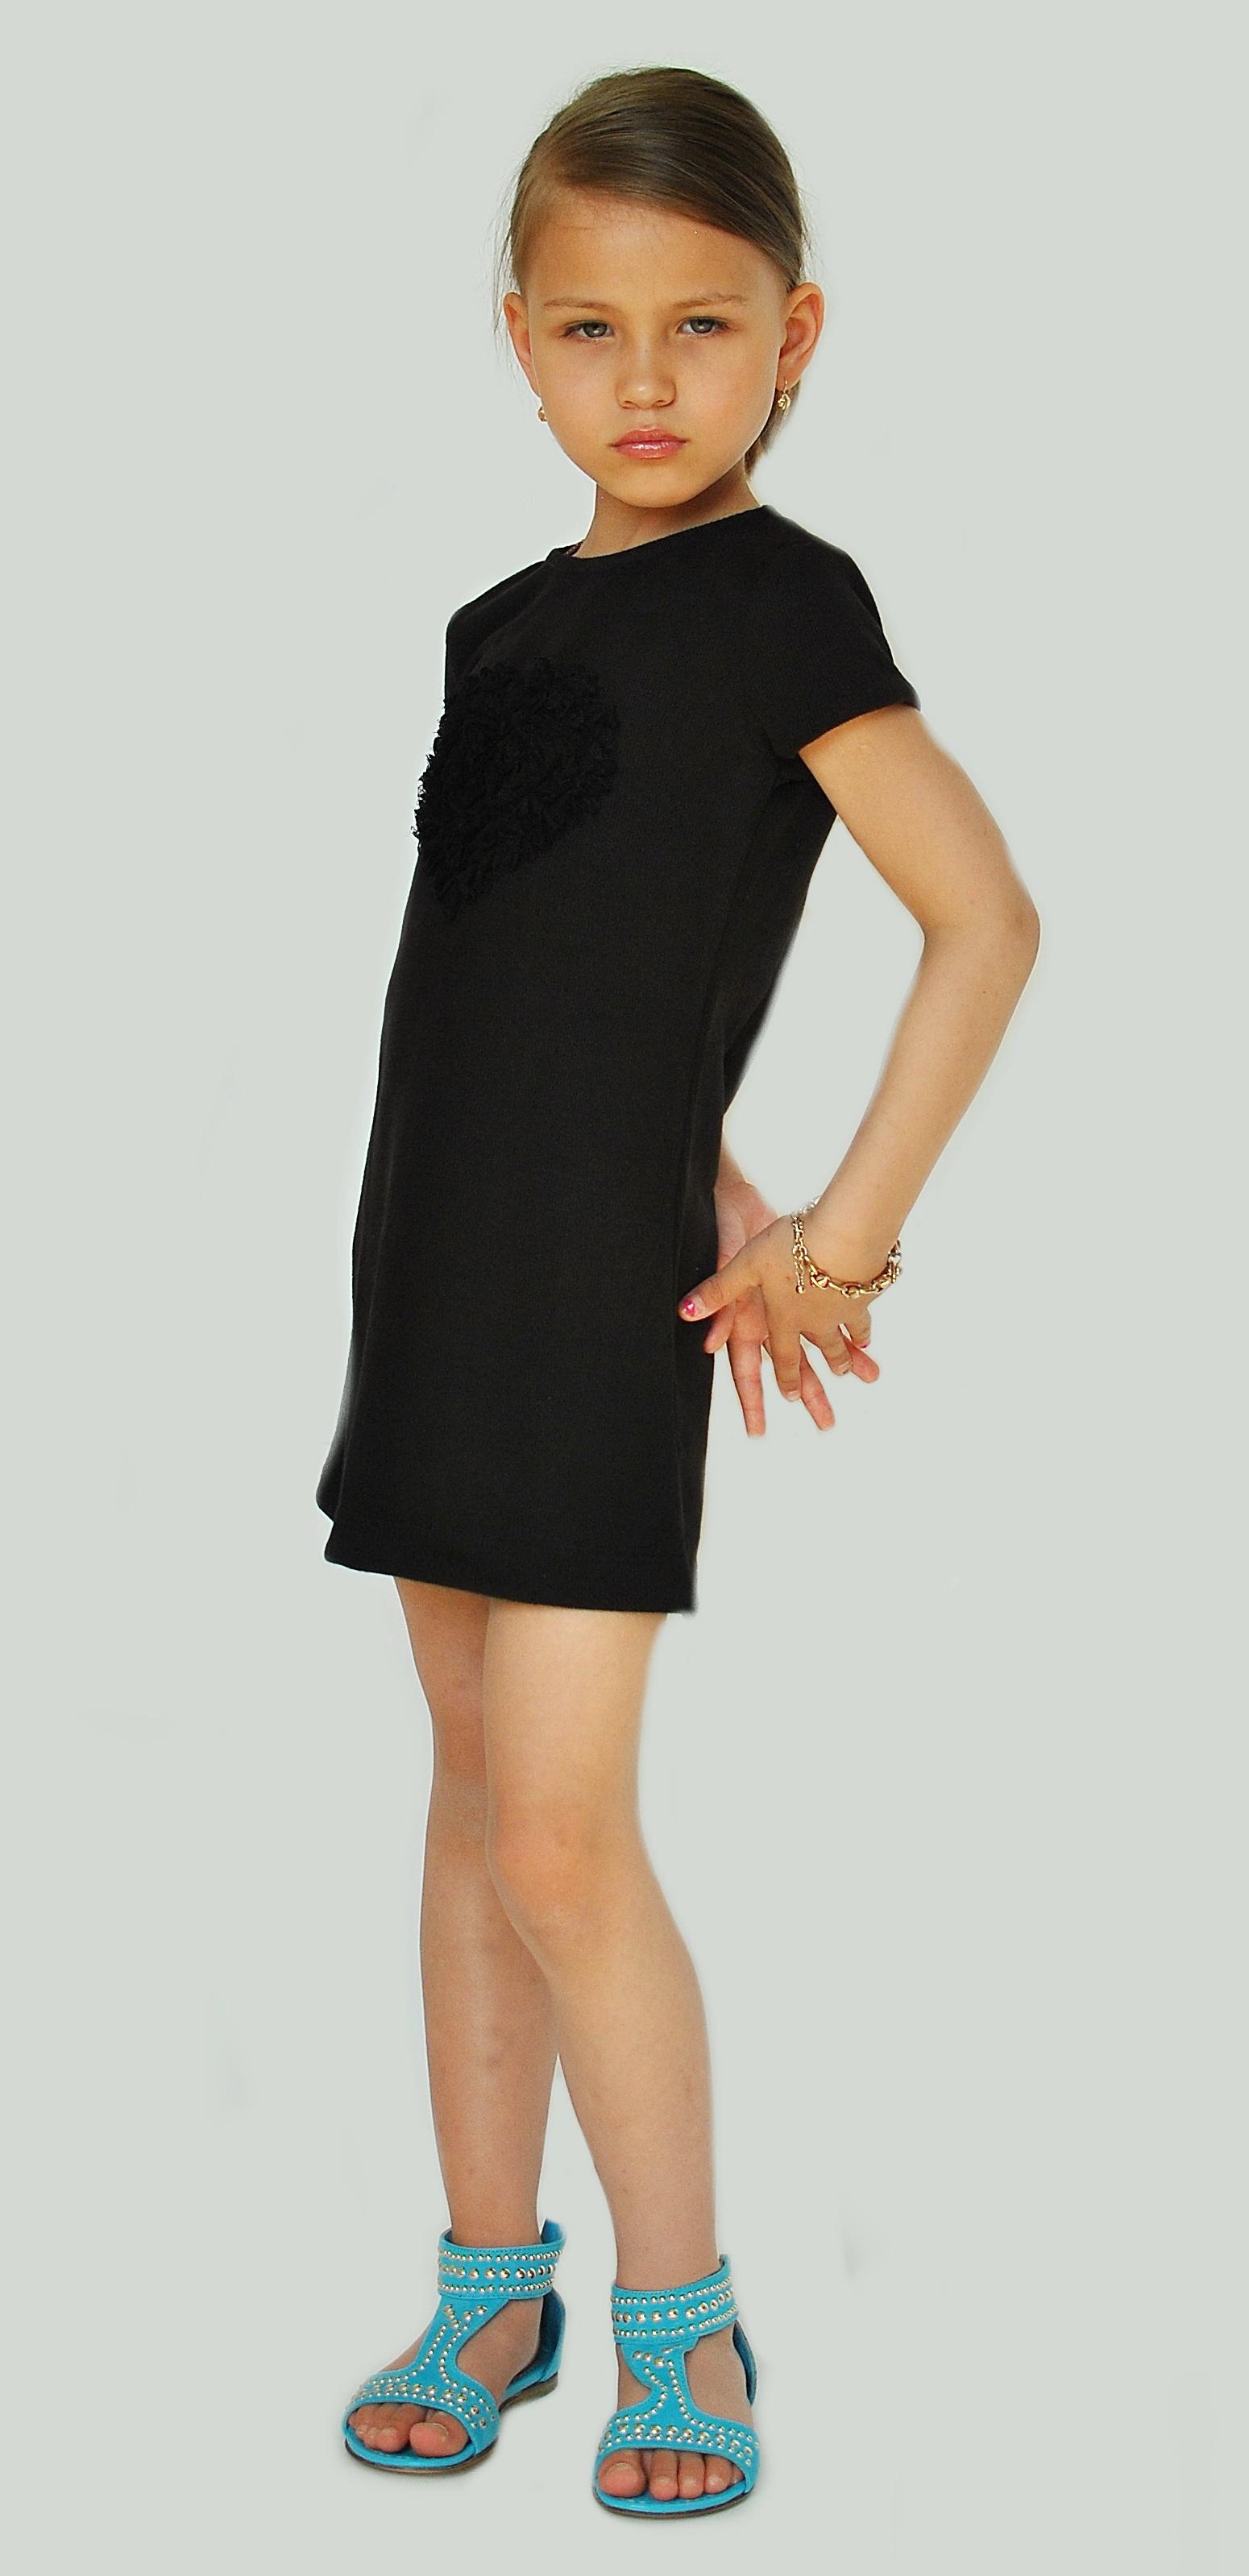 Фото 4. Черное платье Bambina (Go Kids)